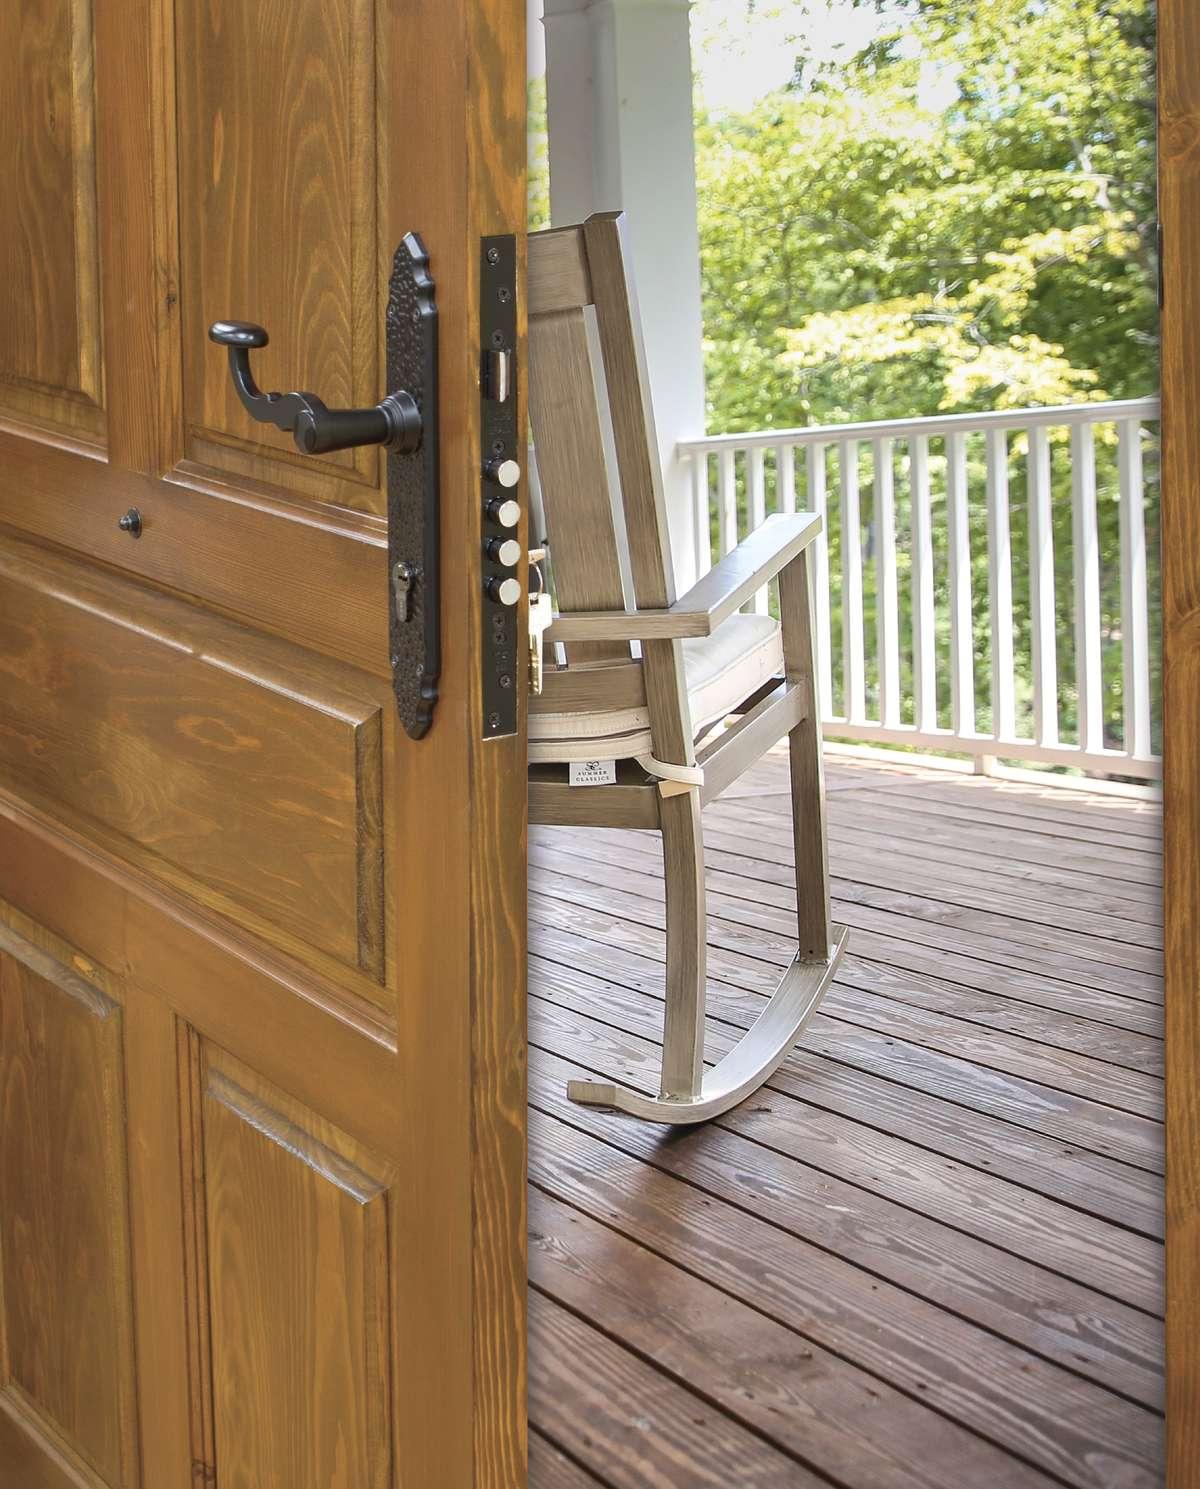 Rustykalna klamka w nowoczesnym drzwiach - full image